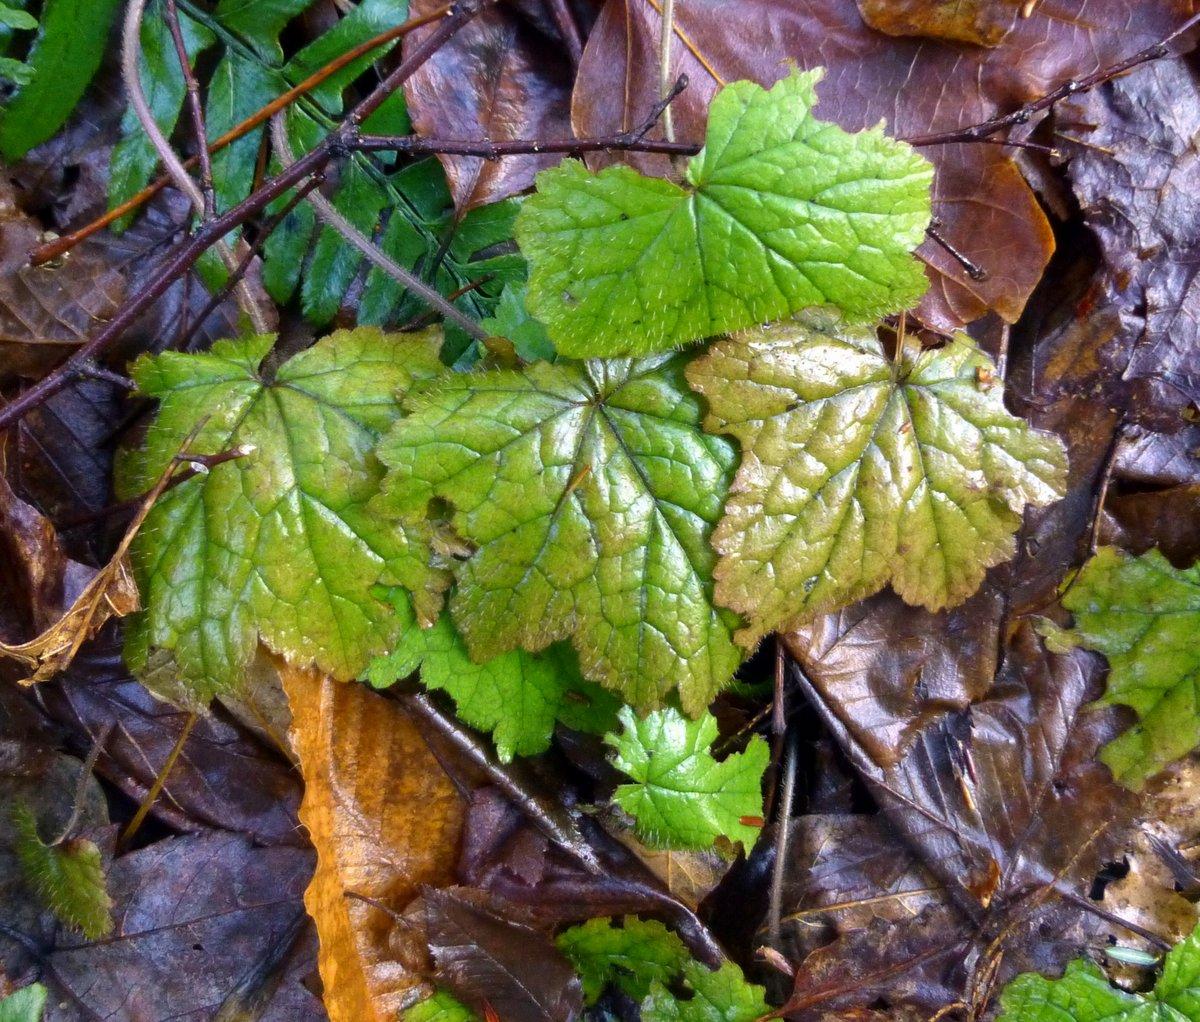 9. Foamflower Foliage